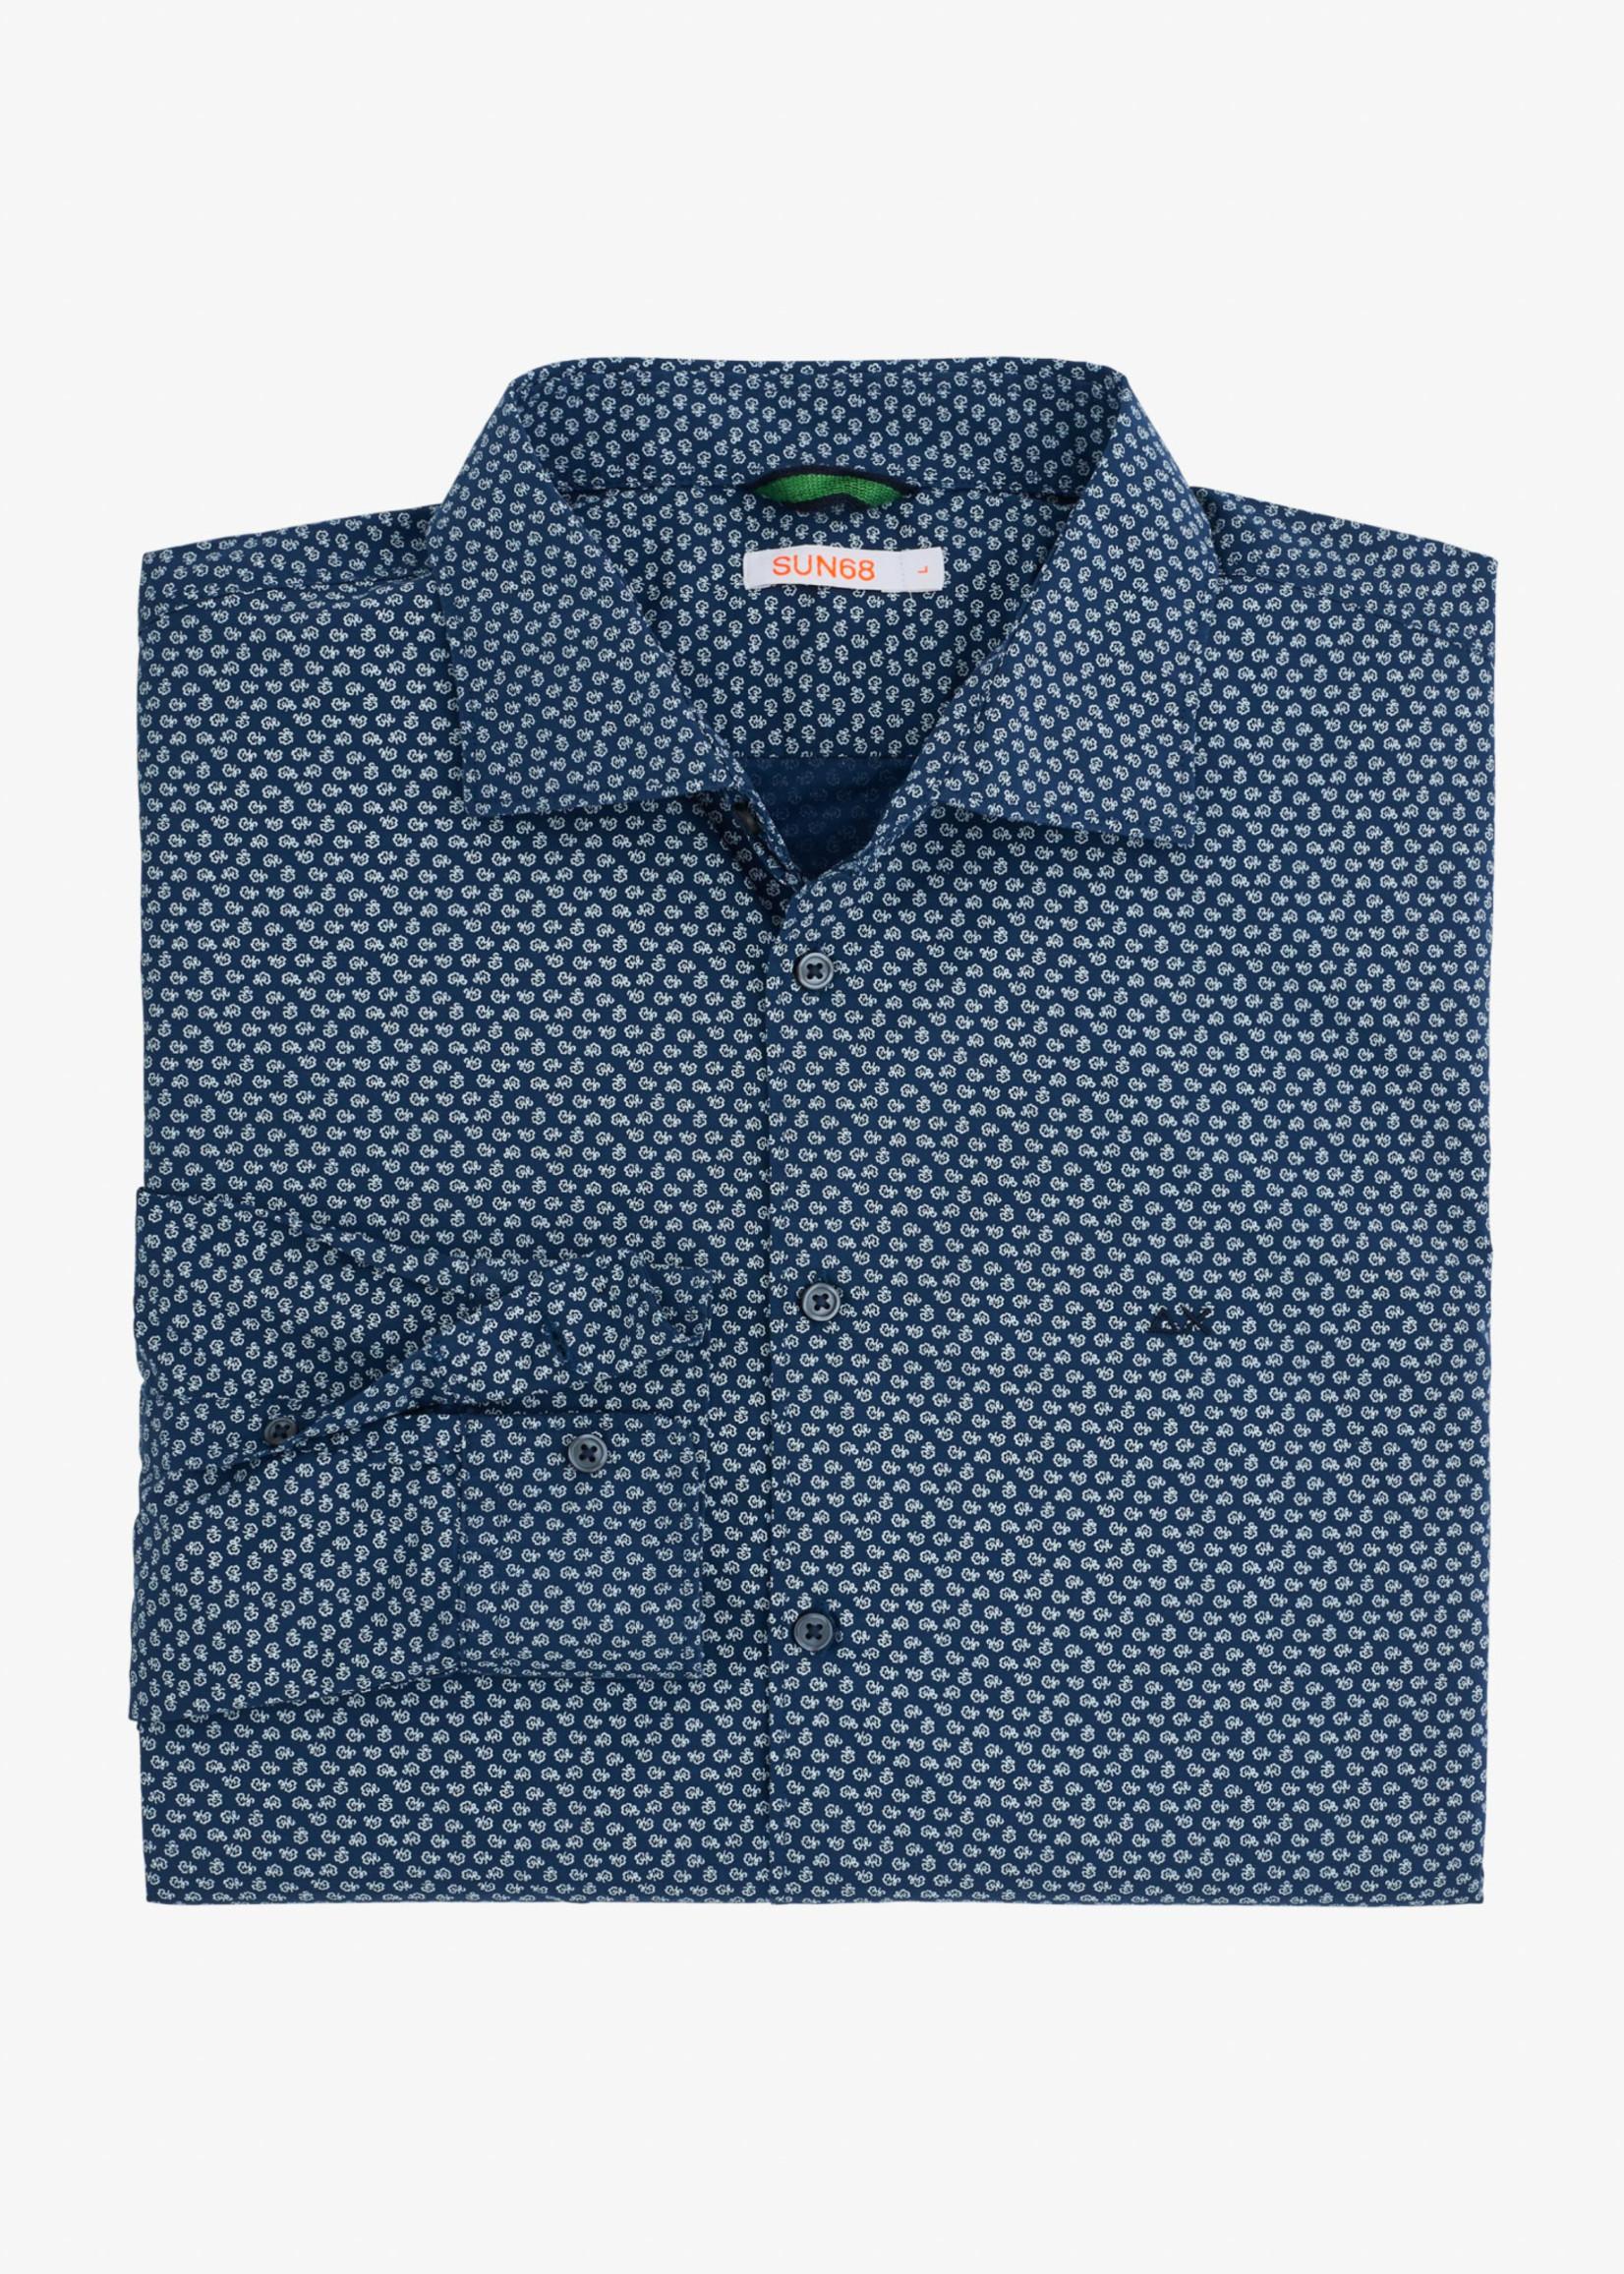 SUN68 Shirt Details French Collar L/S | Bleu/Blanc | SUN68